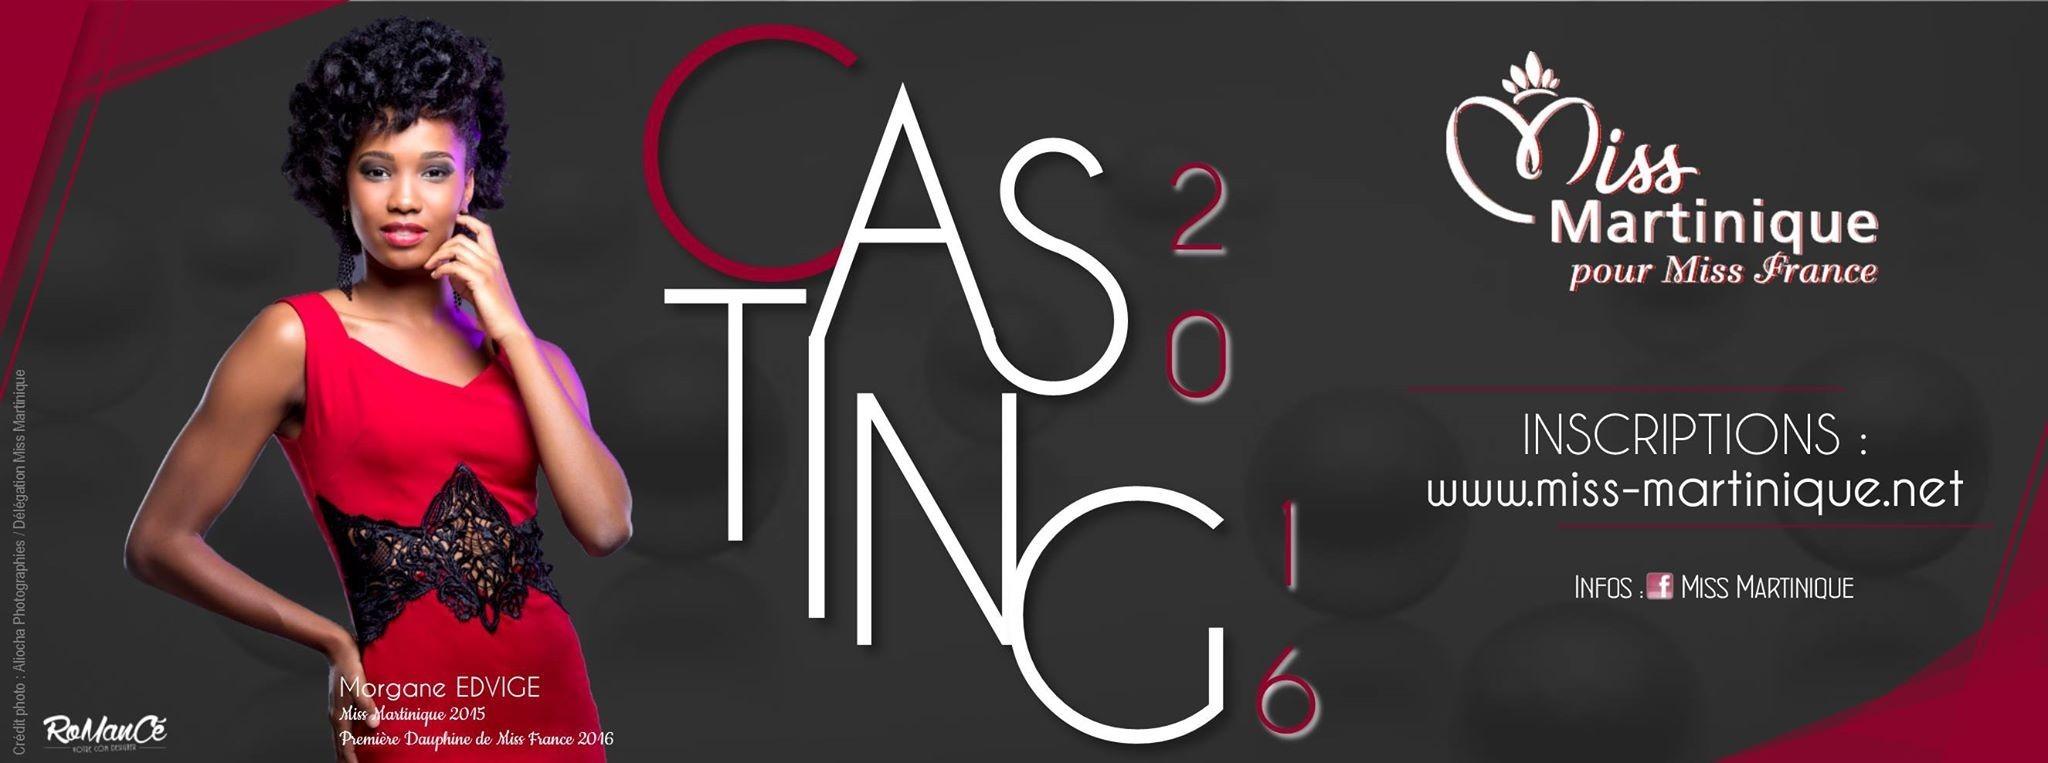 ArticleCastingMissMartinique2016